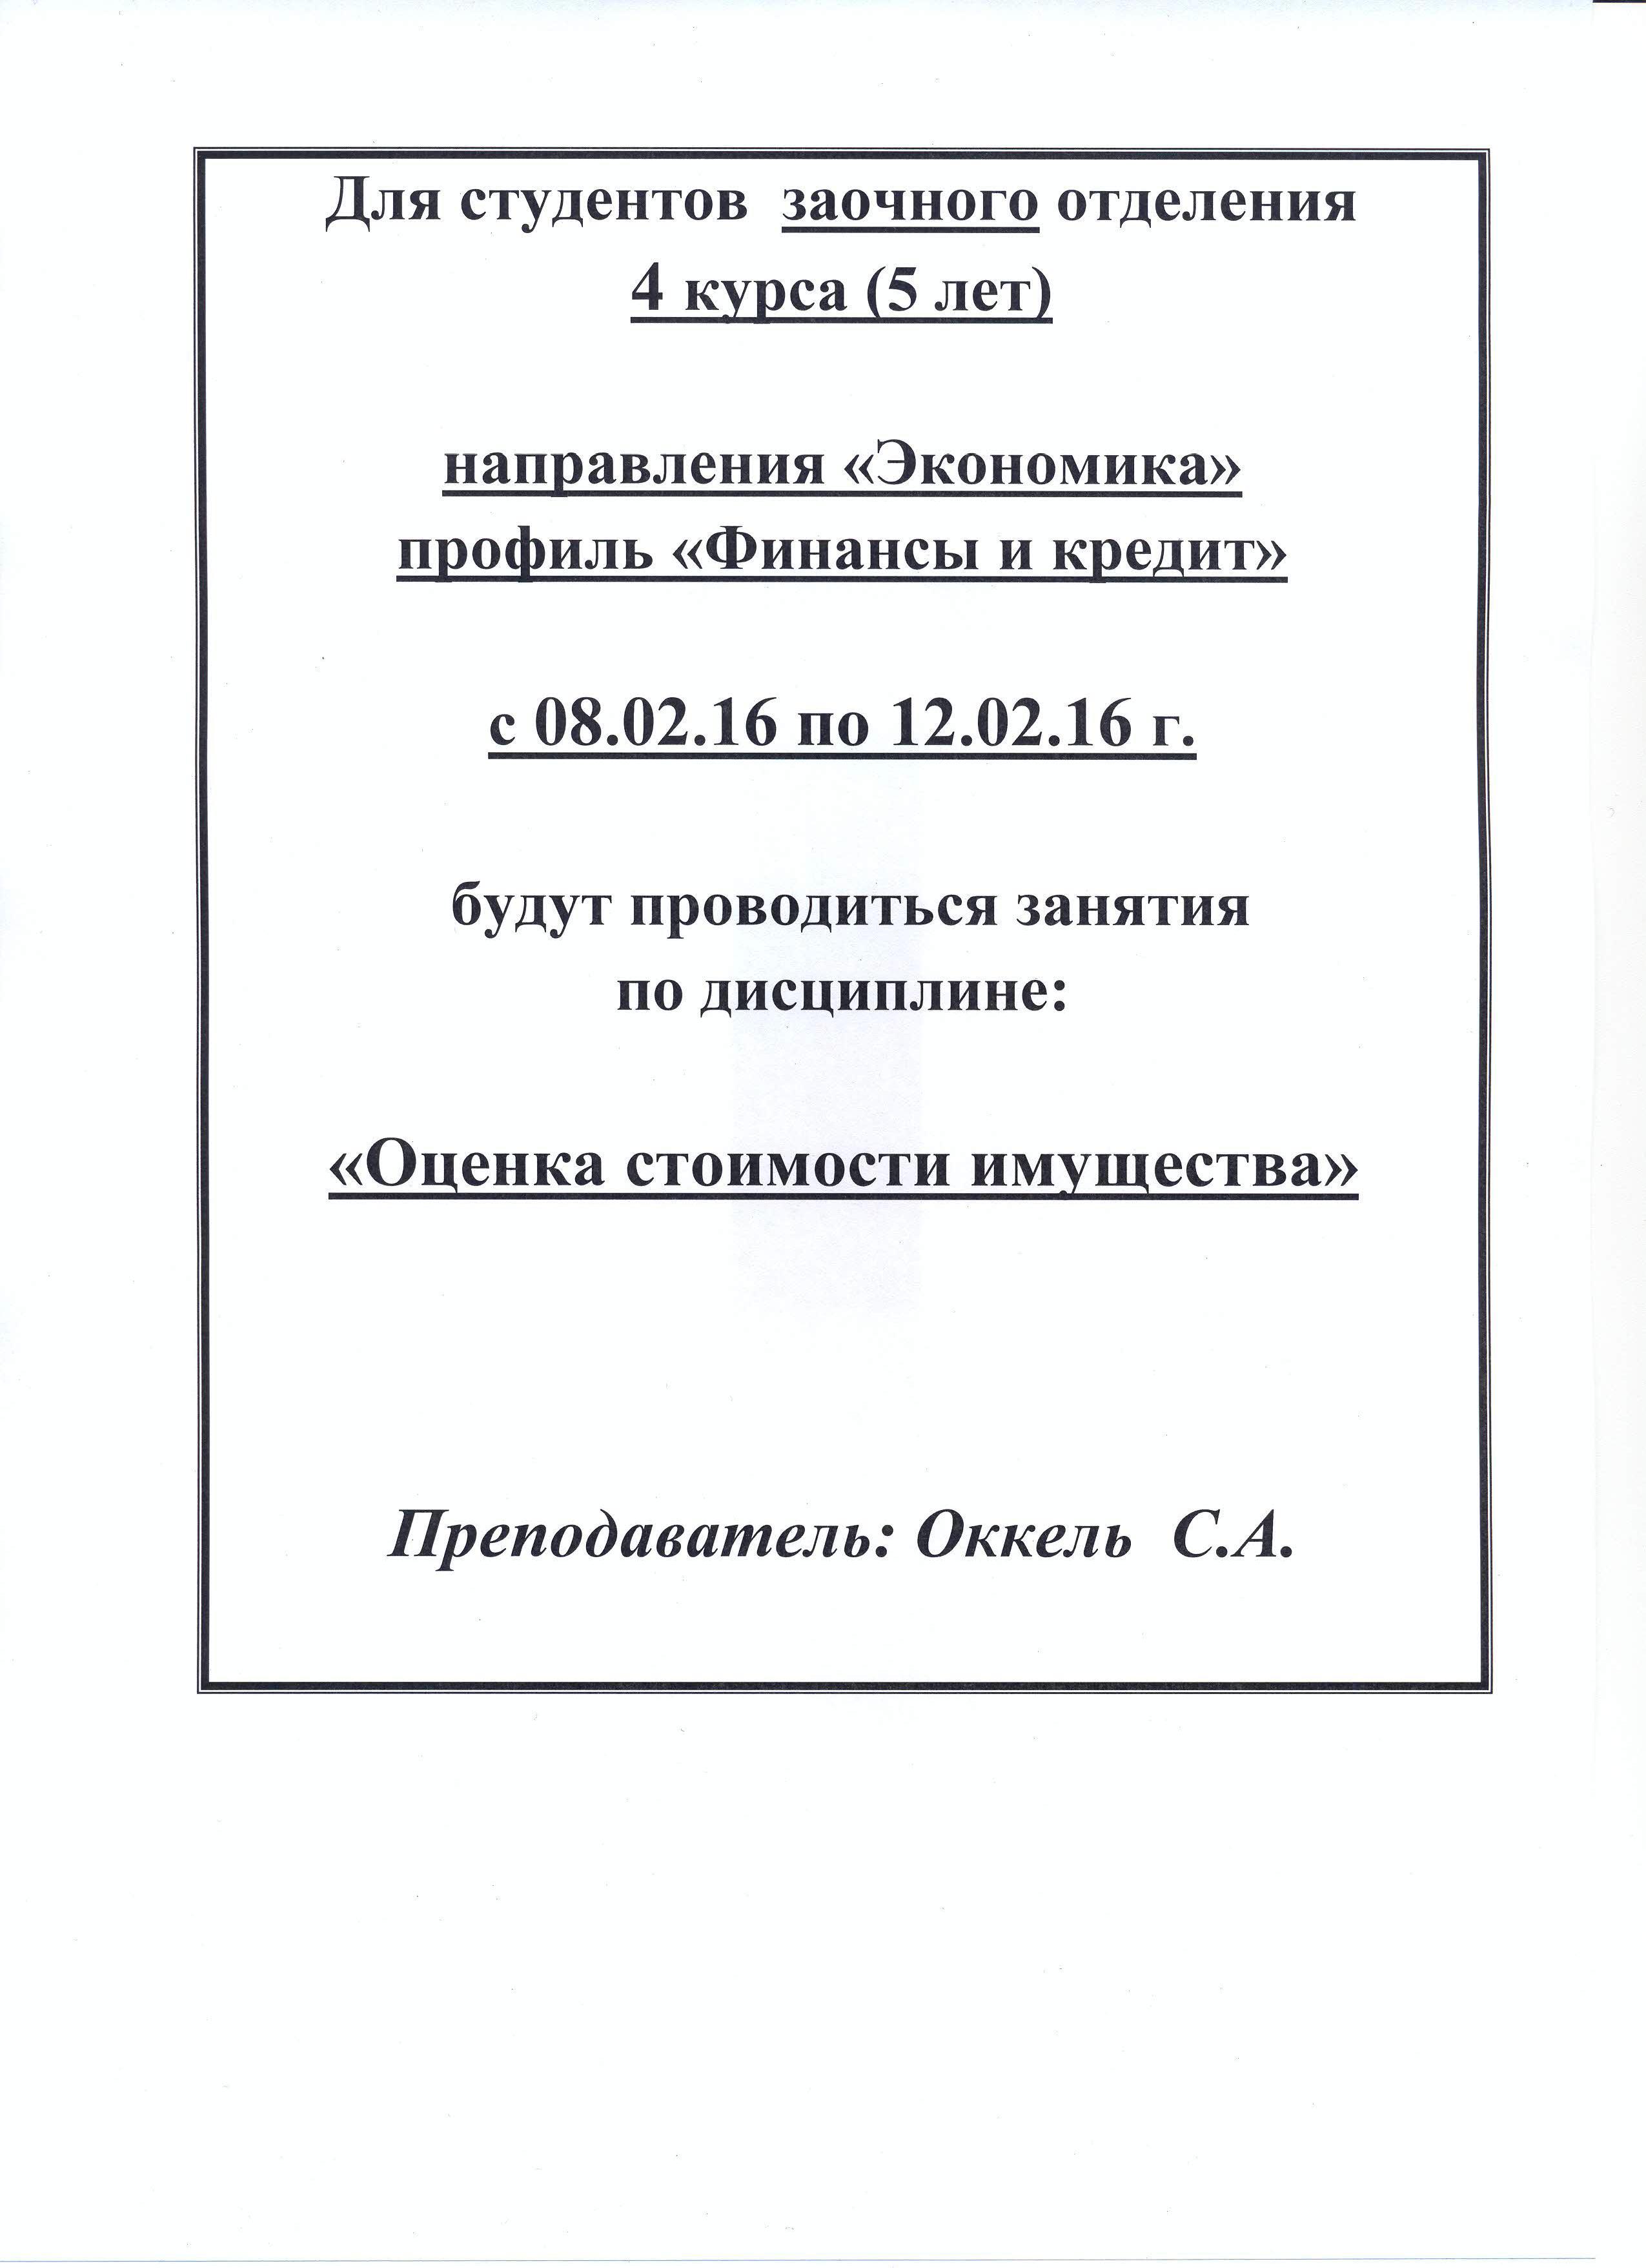 объявление заочники 4 курс(5 лет) - 0002